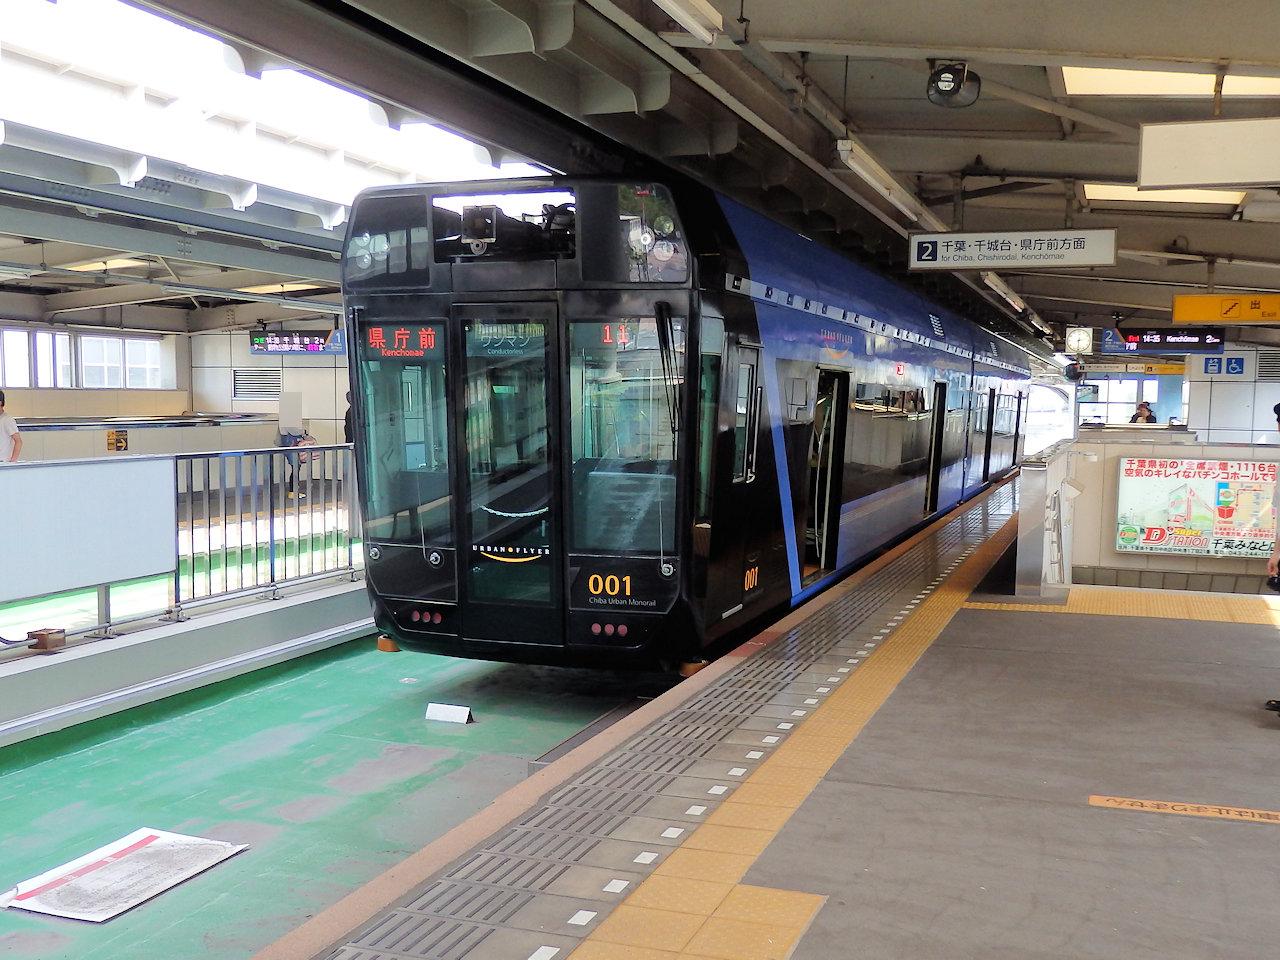 千葉都市モノレール・1号線(千葉...